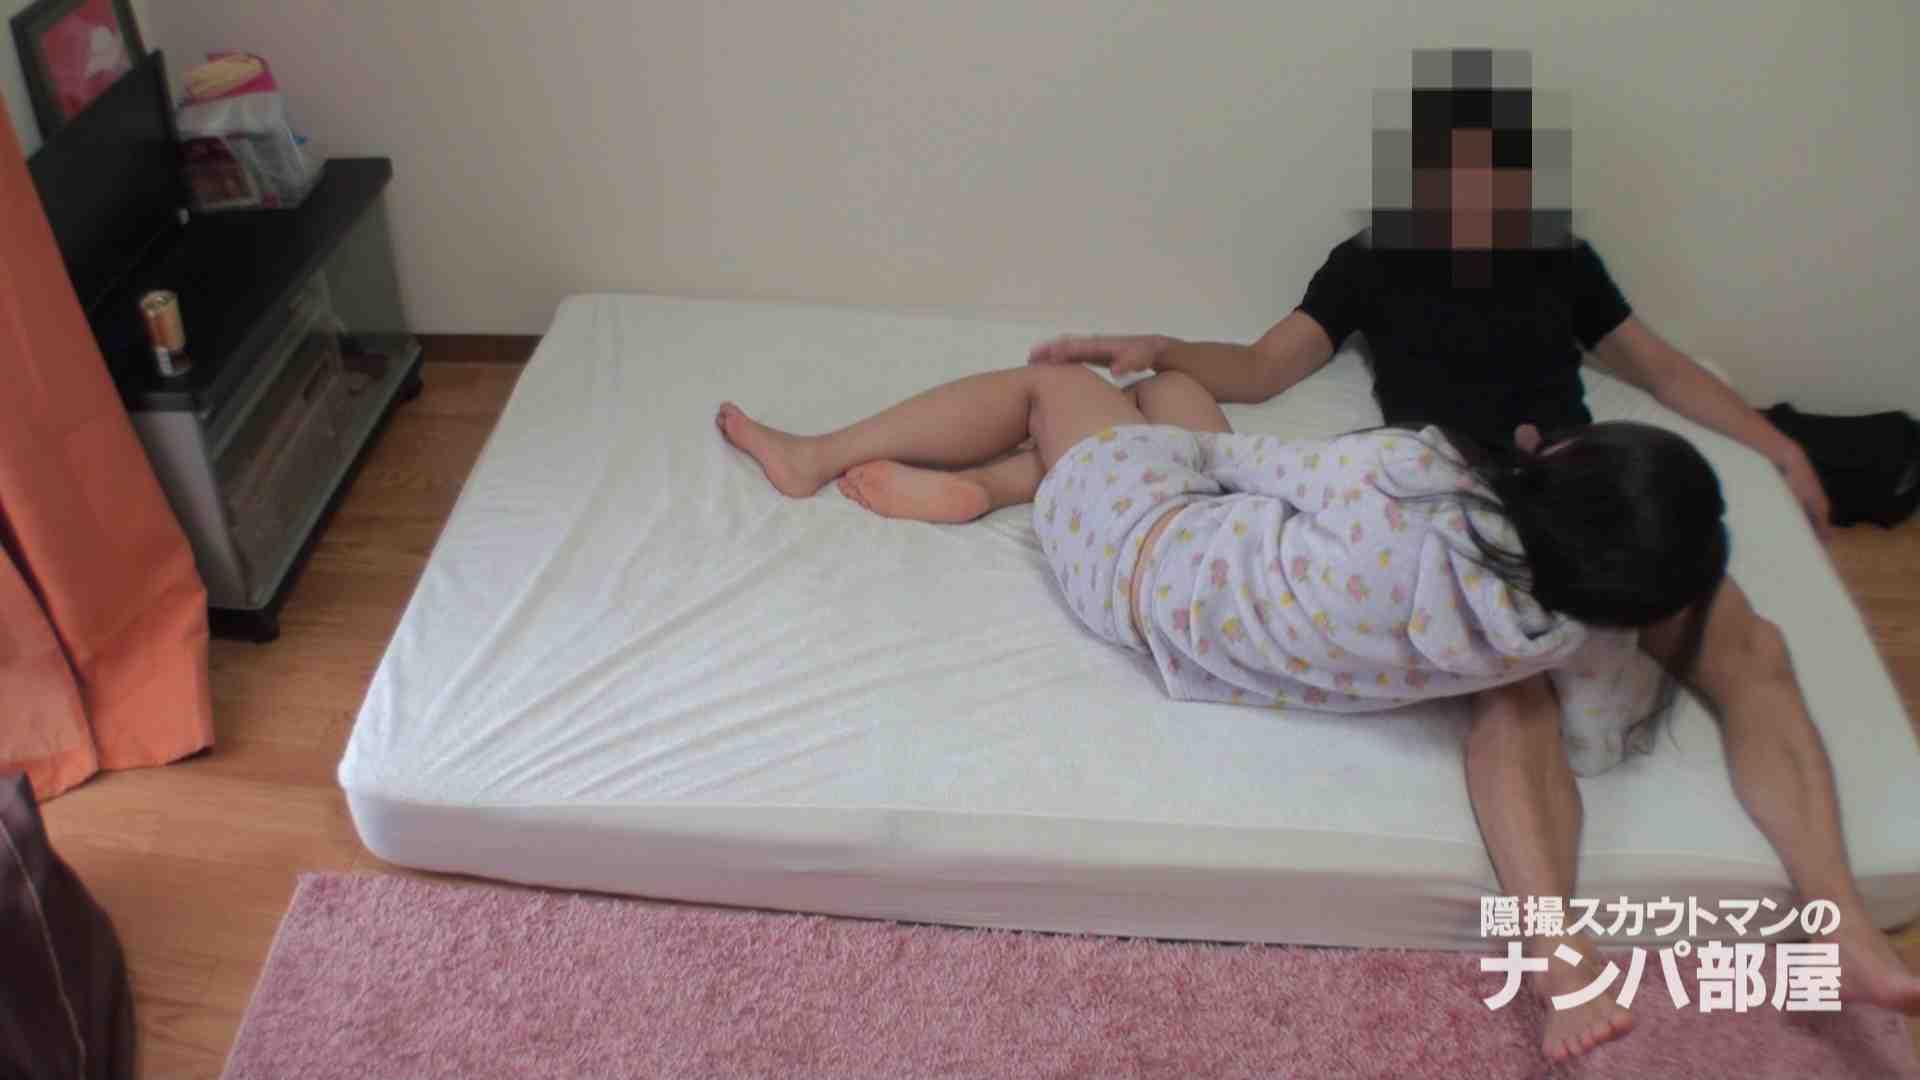 隠撮スカウトマンのナンパ部屋~風俗デビュー前のつまみ食い~hanavol.3 SEX AV動画キャプチャ 65PIX 47